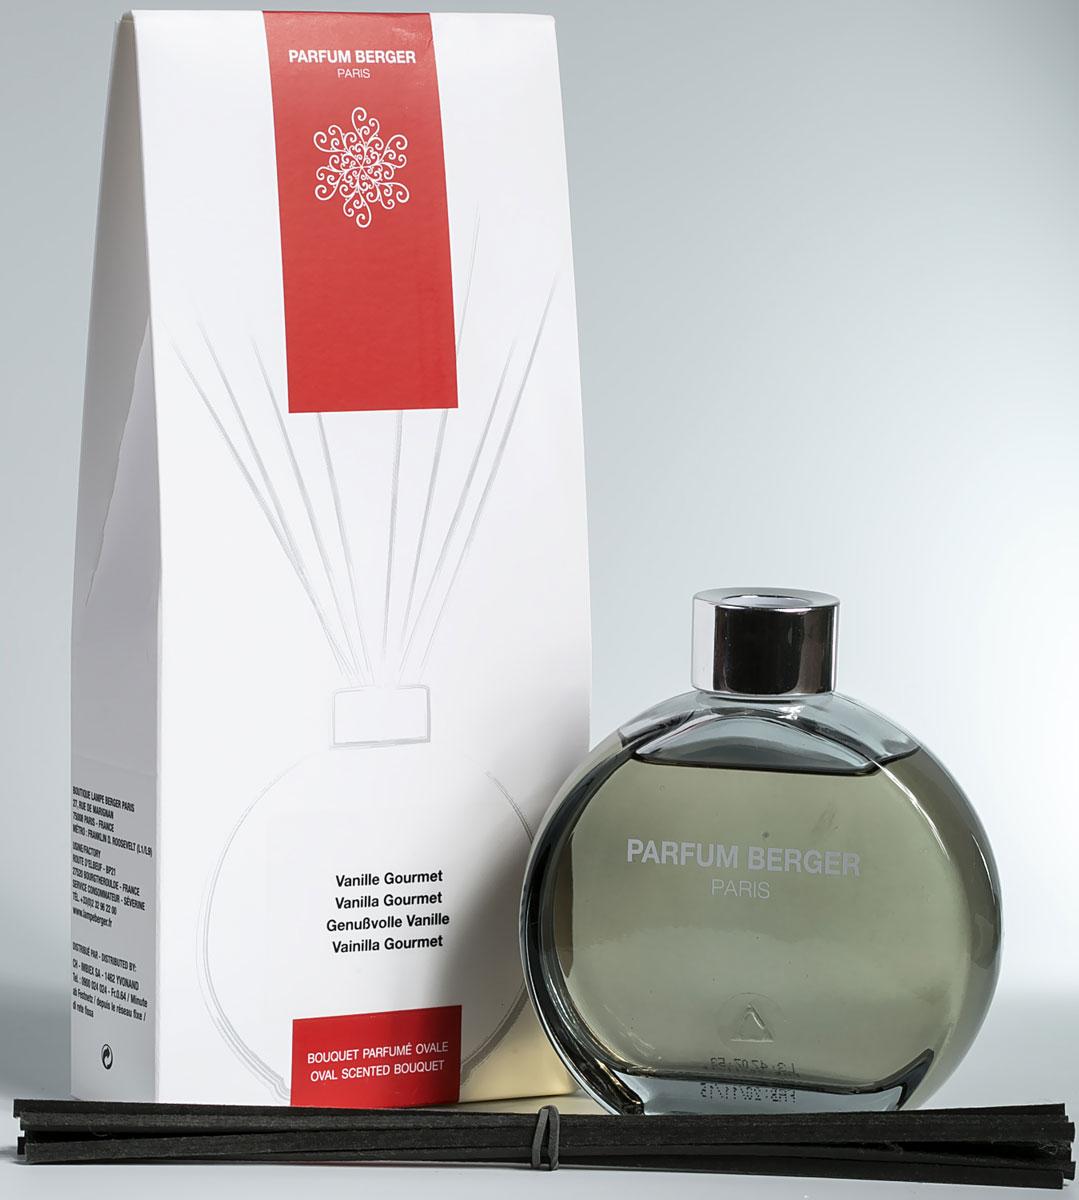 Диффузор ароматический Parfum Berger Истинная ваниль, 180 мл2000000047461Истинная ваниль. Верхние: ром, анис; средние: ванильный ликер и стебель; нижние: мускус, какао, бобы тонка. Комплект состоит из подарочной коробочки, стеклянного, слегка тонированного в нежный графитовый цвет флакона объемом 180 мл, что напоминает по своей форме известные духи от дома ароматов Шанель (Chanel), изысканной аромажидкости и комплекта полимерных палочек. Особенность данных диффузоров в применении инновационных полимерных палочек, что эффективнее любых тростниковых в 5 раз, что доказано исследованиями и тестированием эффективности ароматизации. Остаточных эффект от аромажидкости остается в полимерных палочках еще на протяжении более 2-х недель и продолжает вас радовать, пока вы не дольете во флакон свой любимый аромат.